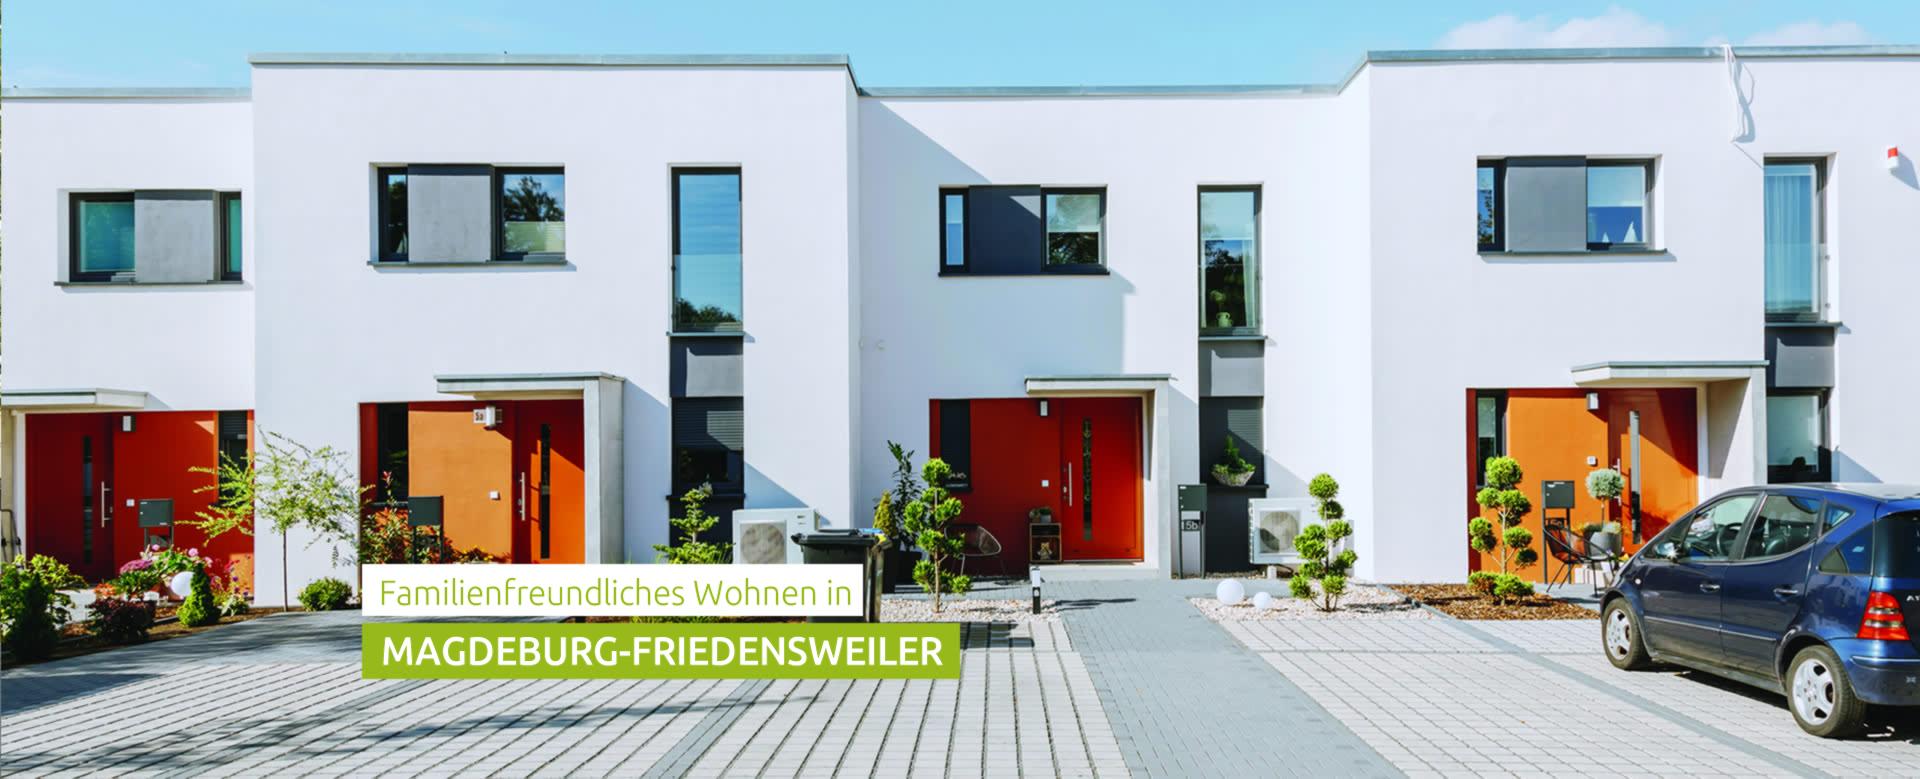 Stadtinsel Friedensweiler – Familienfreundliches Wohnen in